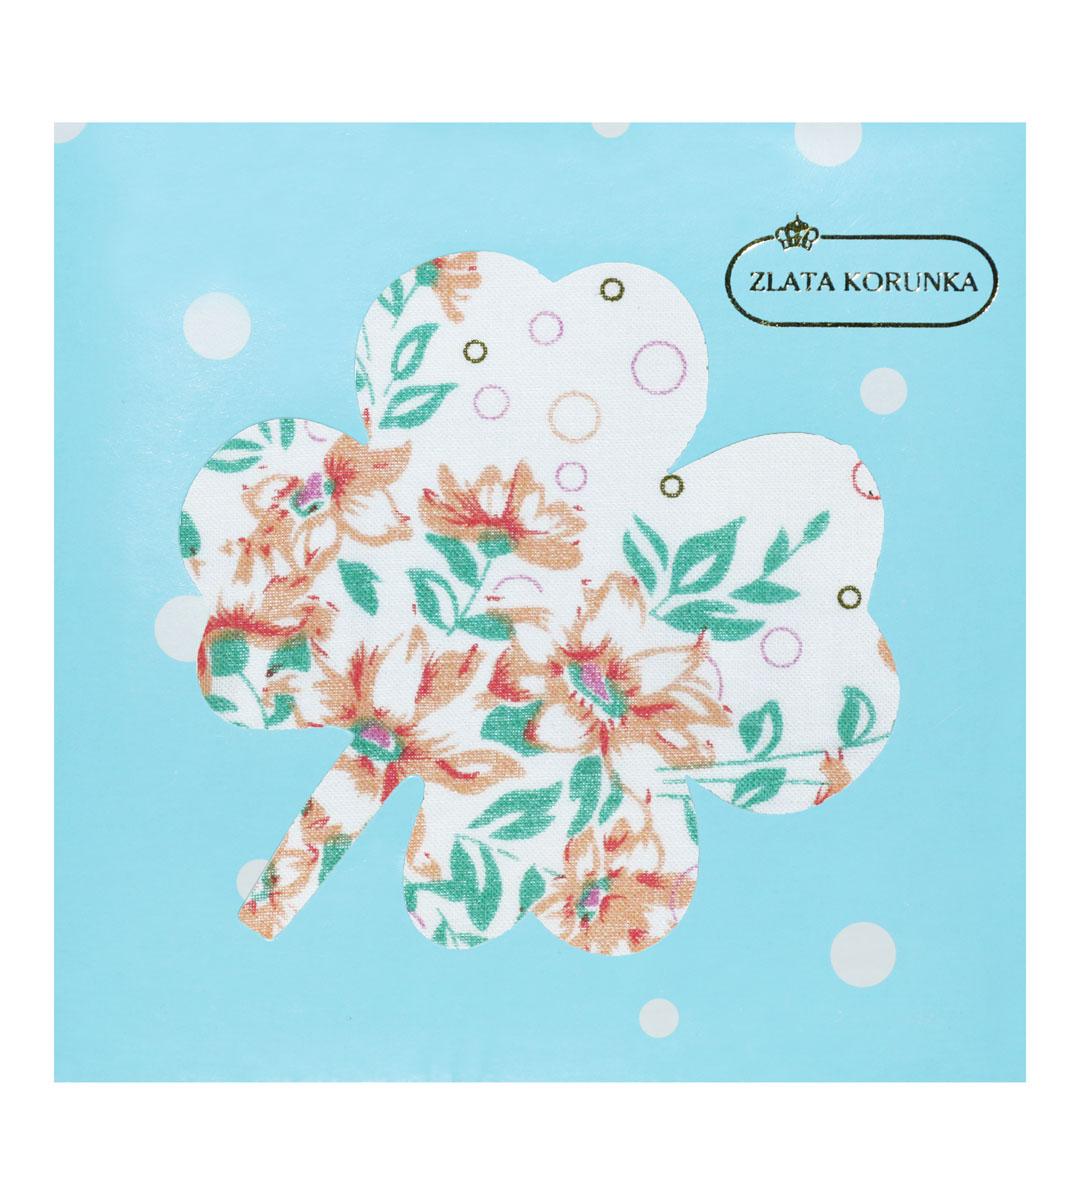 90126-23 Zlata Korunka Носовой платок женский, цвет: мультиколор, 28х28 см90126-23Платки носовые женские в упаковке по 1 шт. Носовые платки изготовлены из 100% хлопка, так как этот материал приятен в использовании, хорошо стирается, не садится, отлично впитывает влагу.